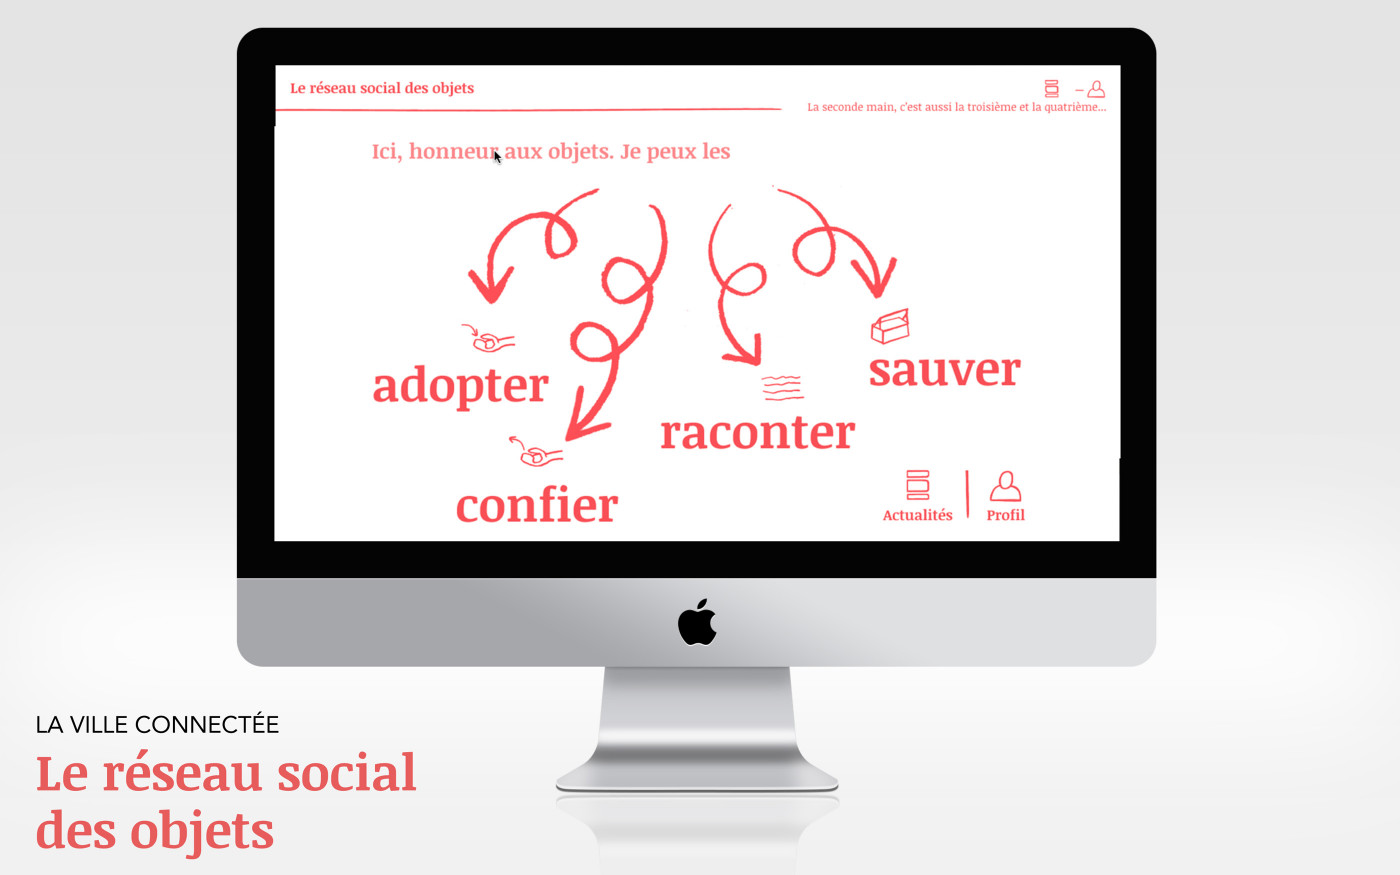 Le réseau social des objets